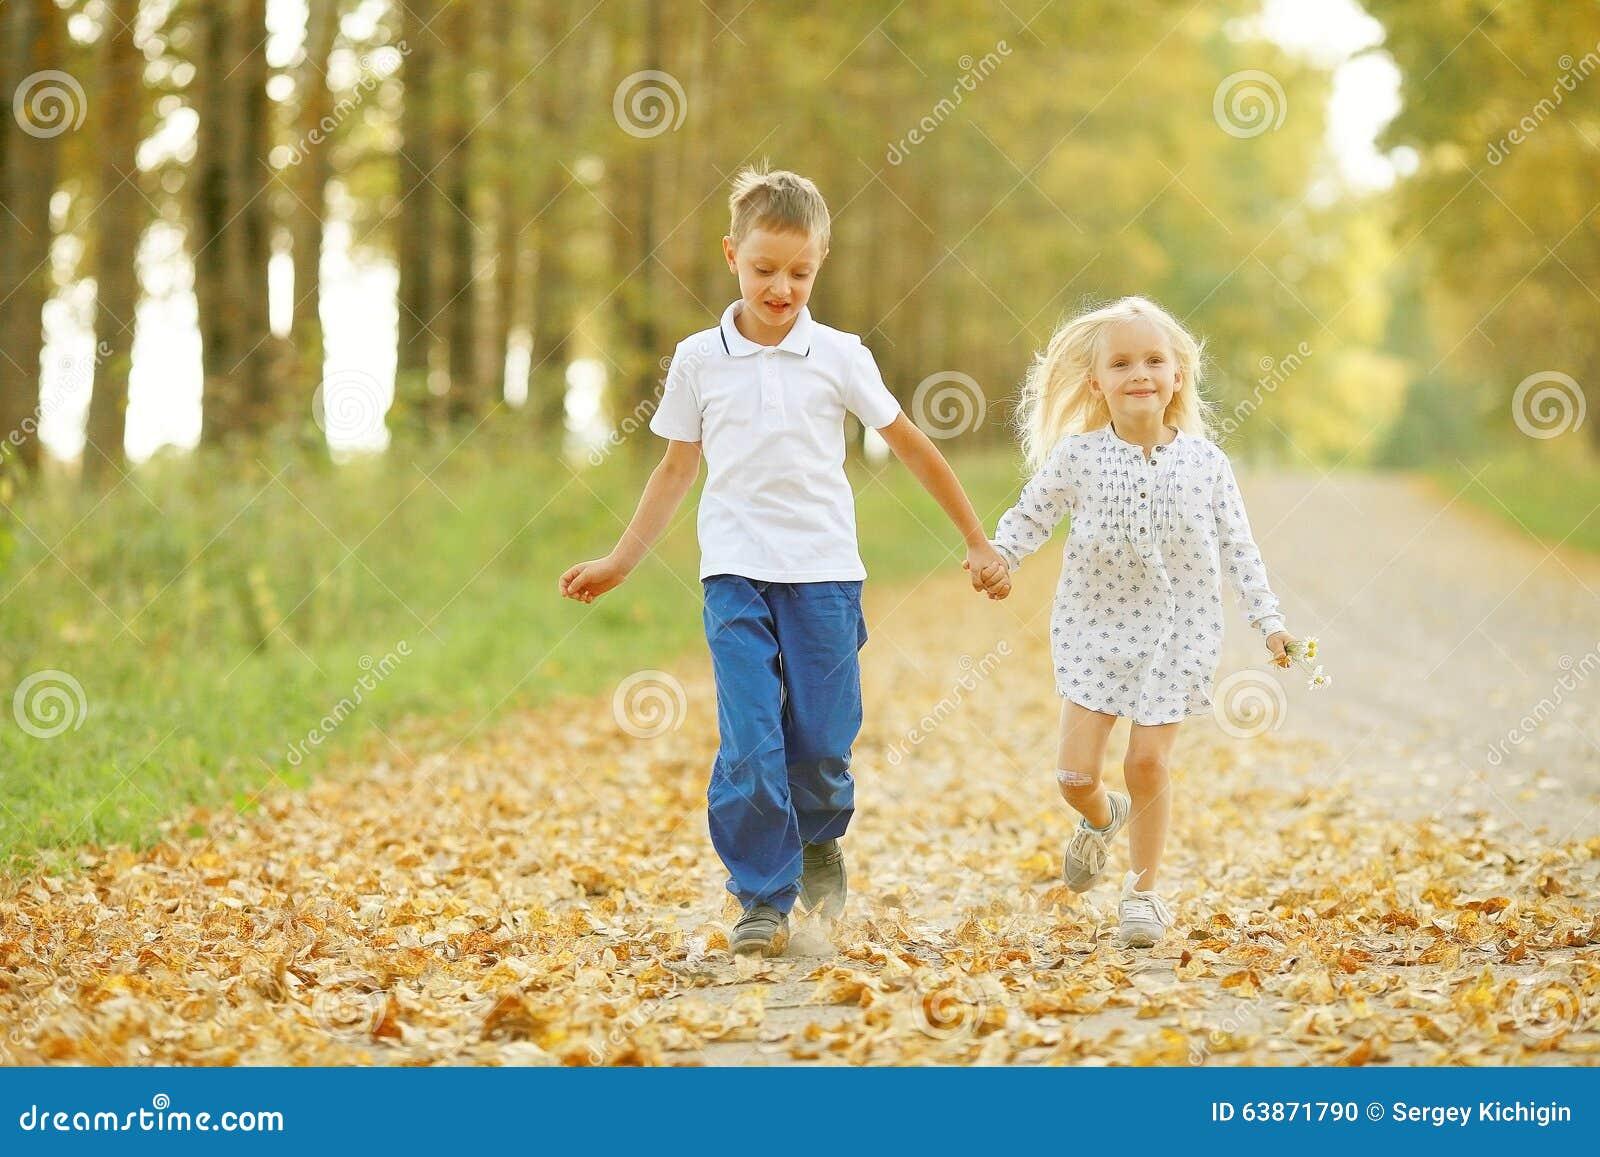 Chłopiec i dziewczyna iść ręka w rękę